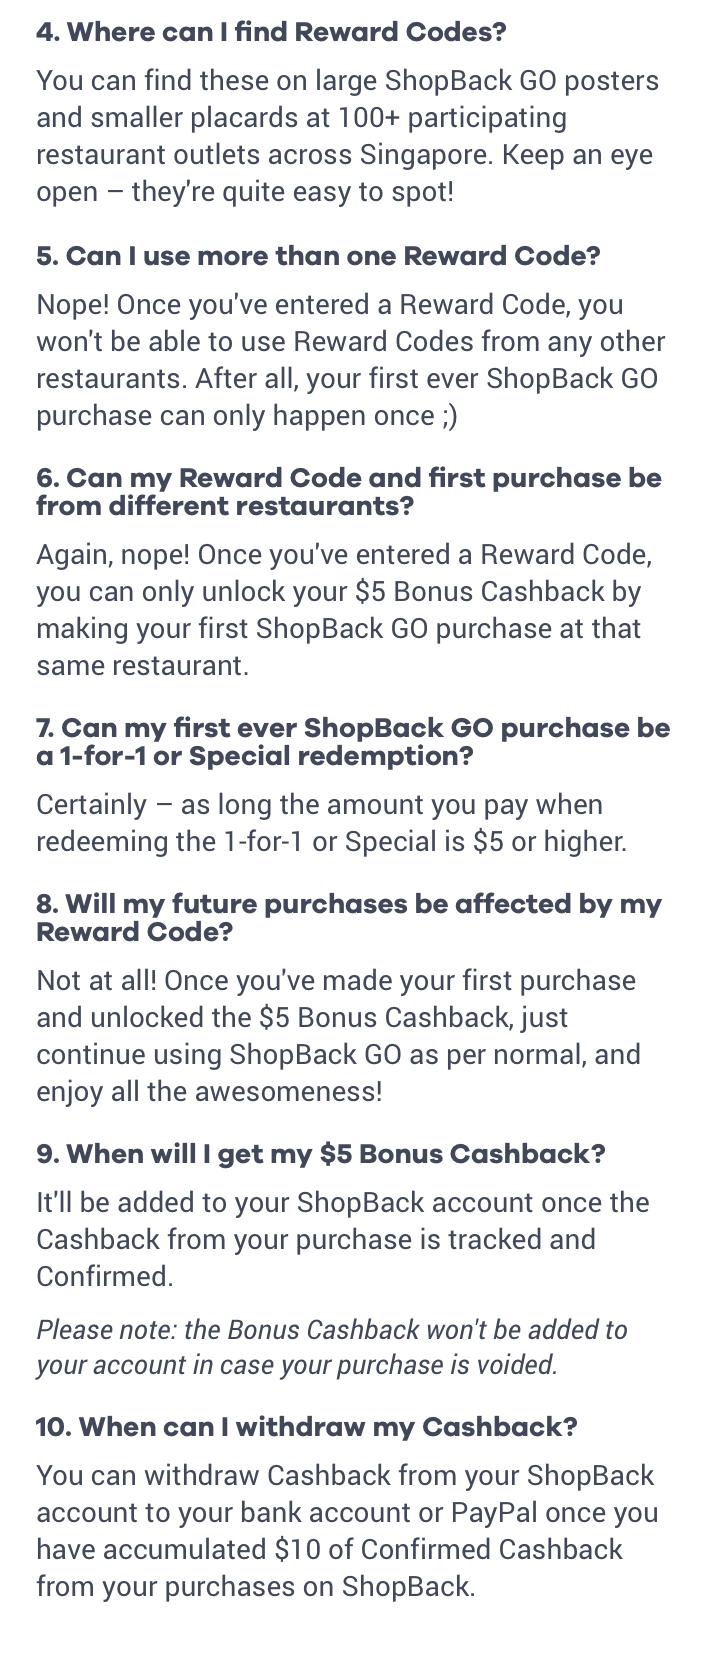 Here's $5 Bonus Cashback!